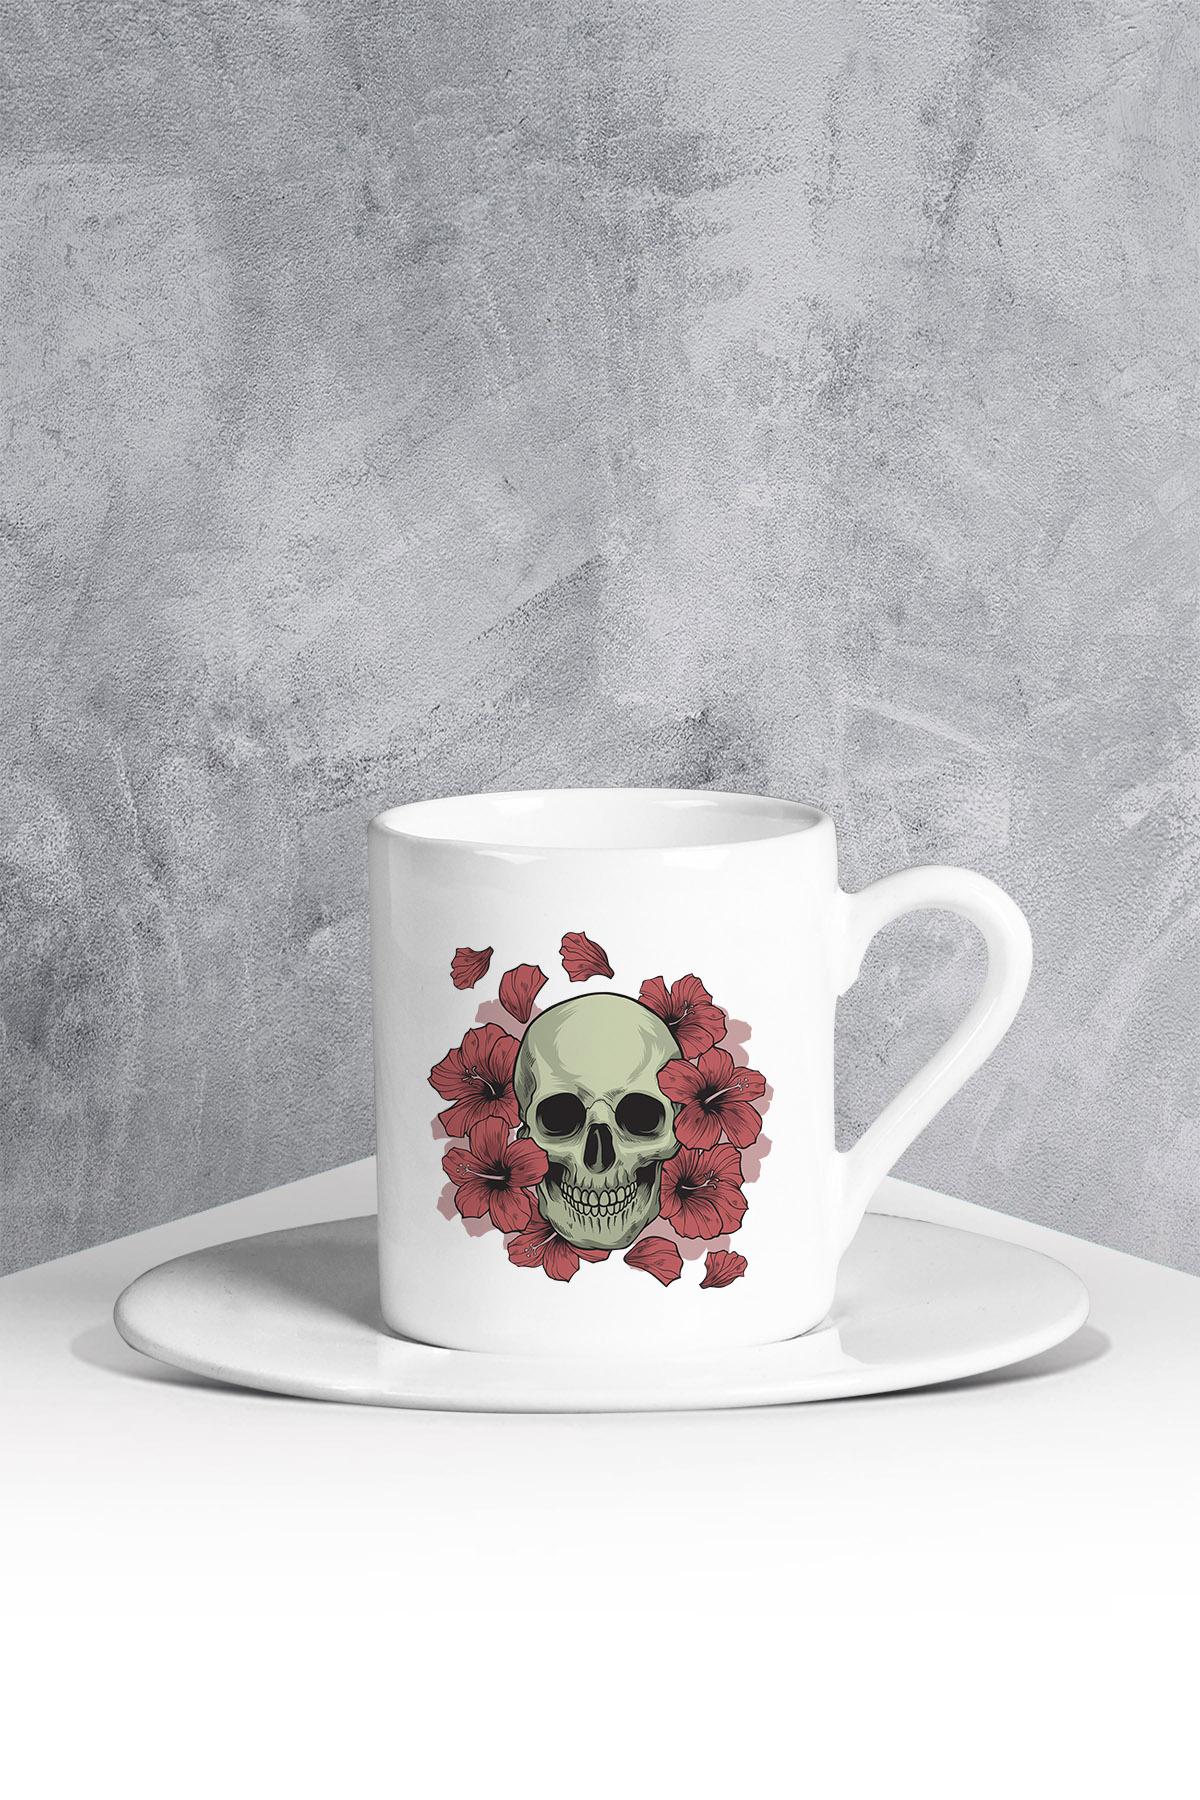 كوب قهوة أبيض بطبعة ورود وجمجمة